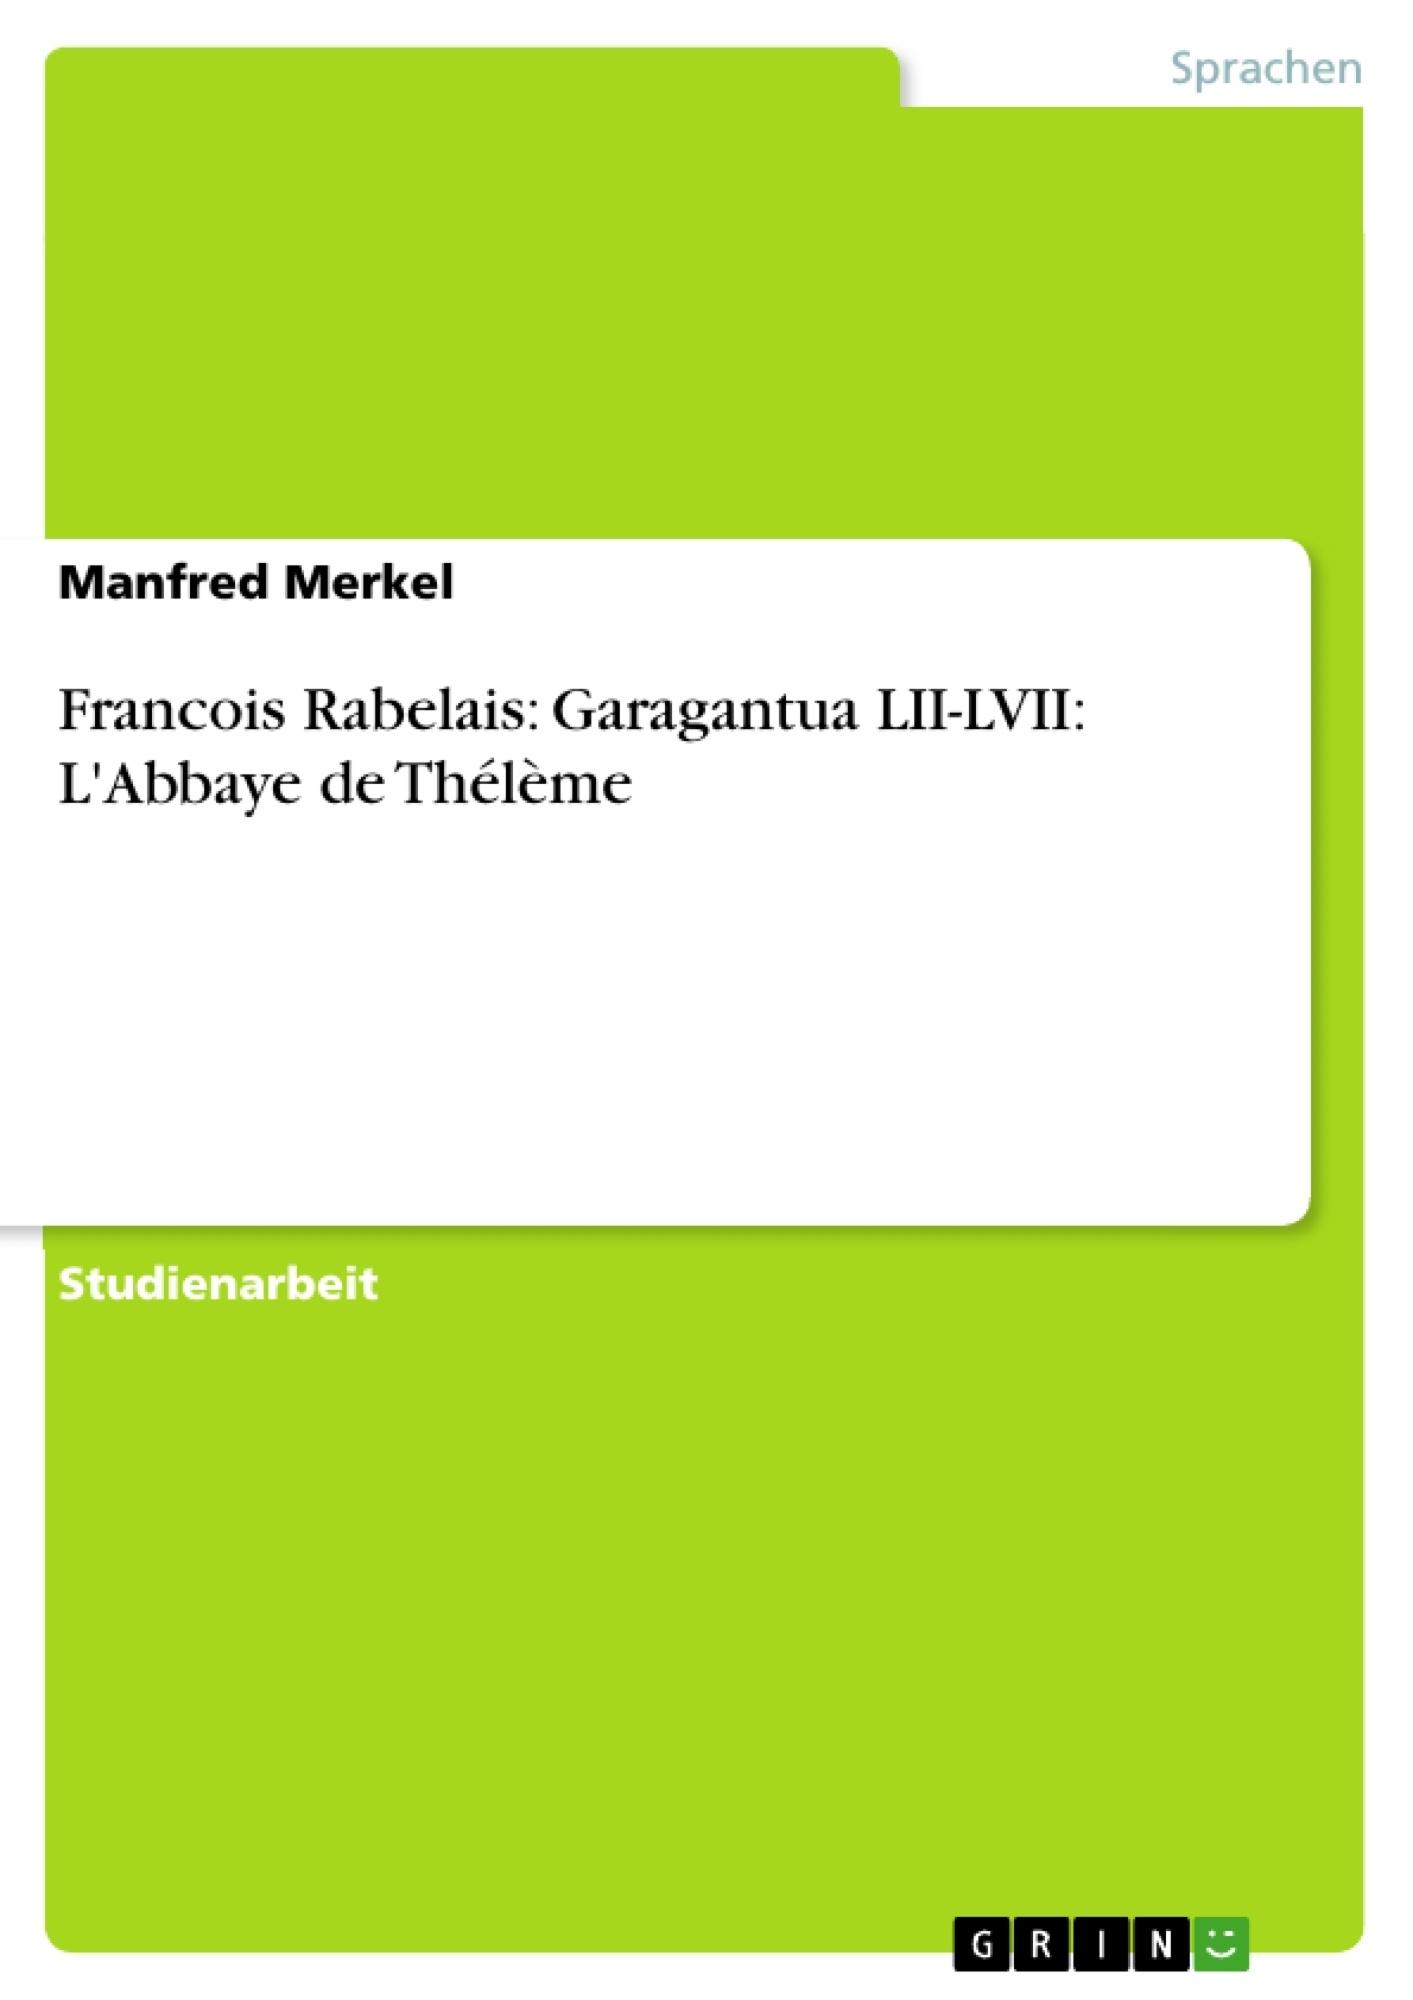 Titel: Francois Rabelais: Garagantua LII-LVII: L'Abbaye de Thélème